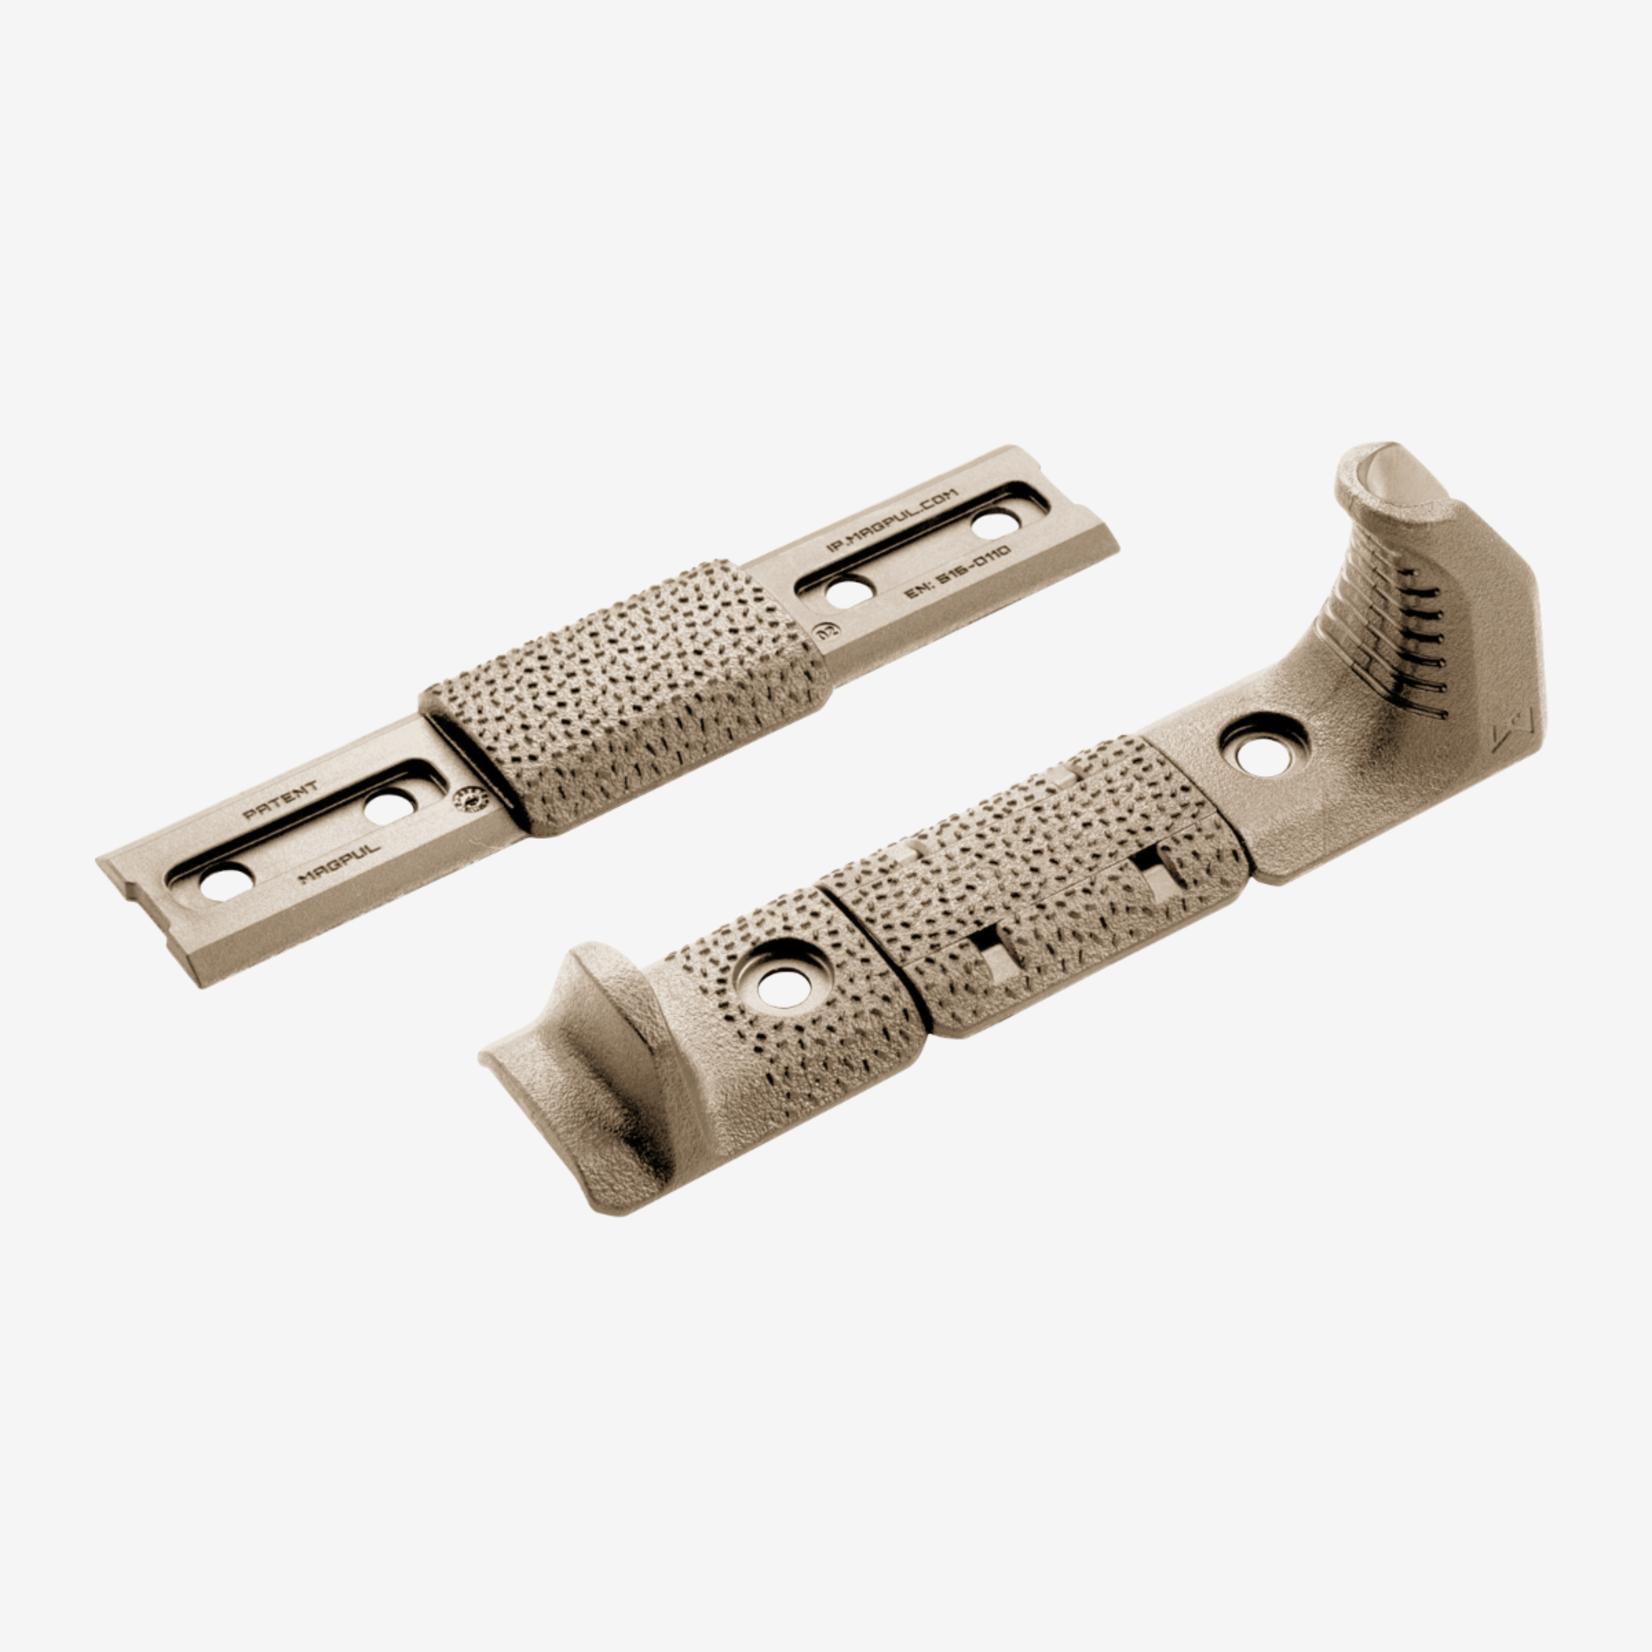 Magpul Magpul M-LOK Handstop Kit